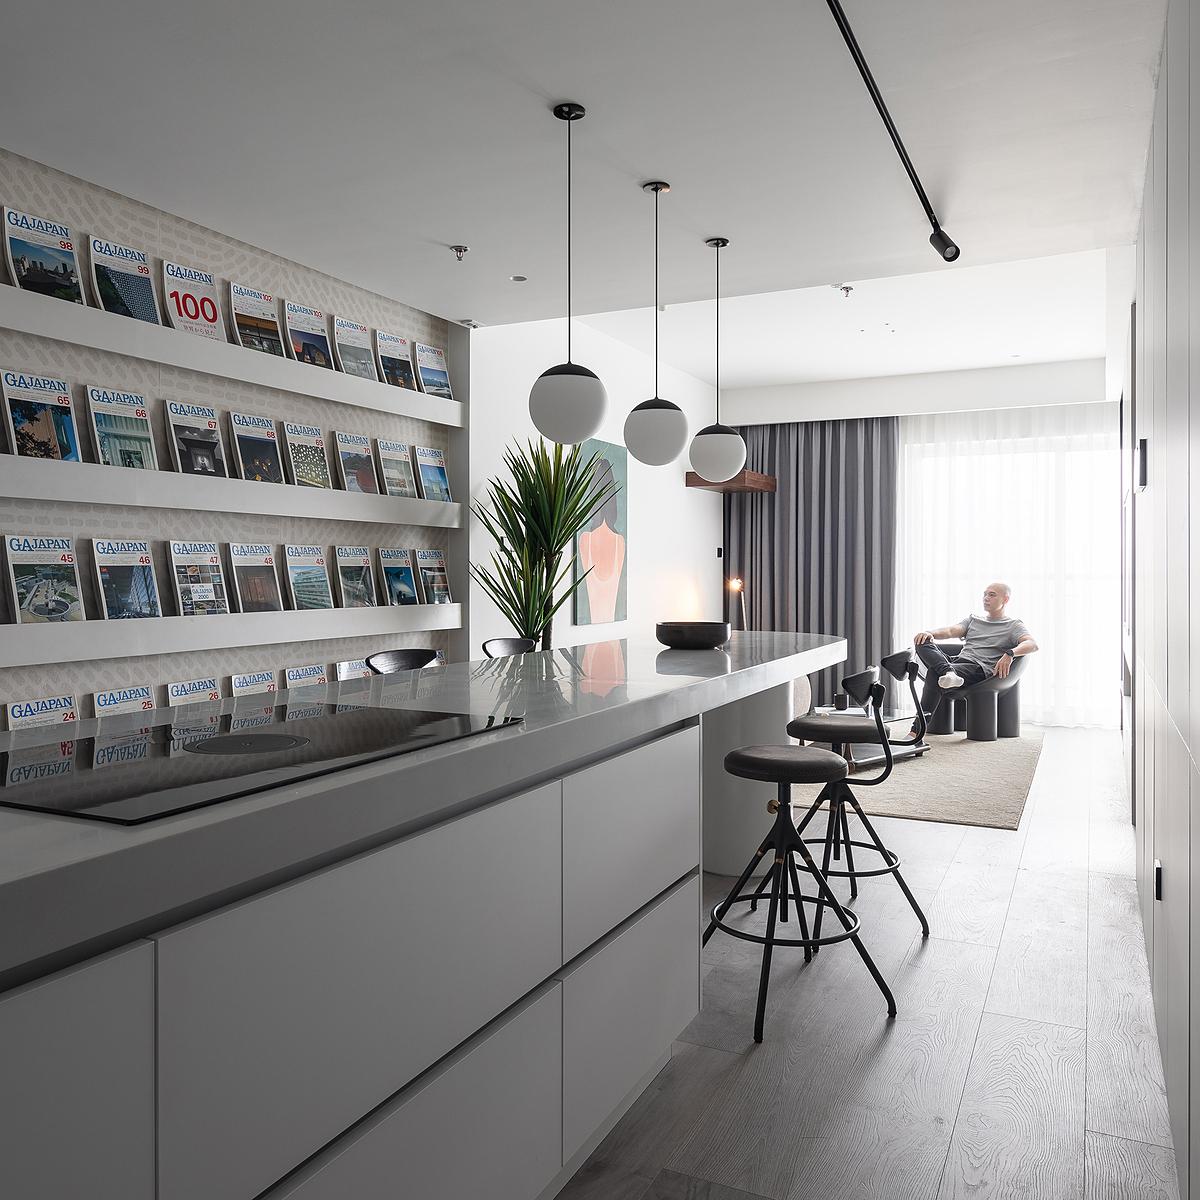 Đảo bếp kết hợp bàn ăn trở thành điểm nhấn cho công trình. Phía trước đảo bếp, kệ để tạp chí chạy từ cửa chính đến phòng khách đưa thêm màu sắc vào căn hộ toàn màu trắng. Ảnh: Thien Thach Photo.